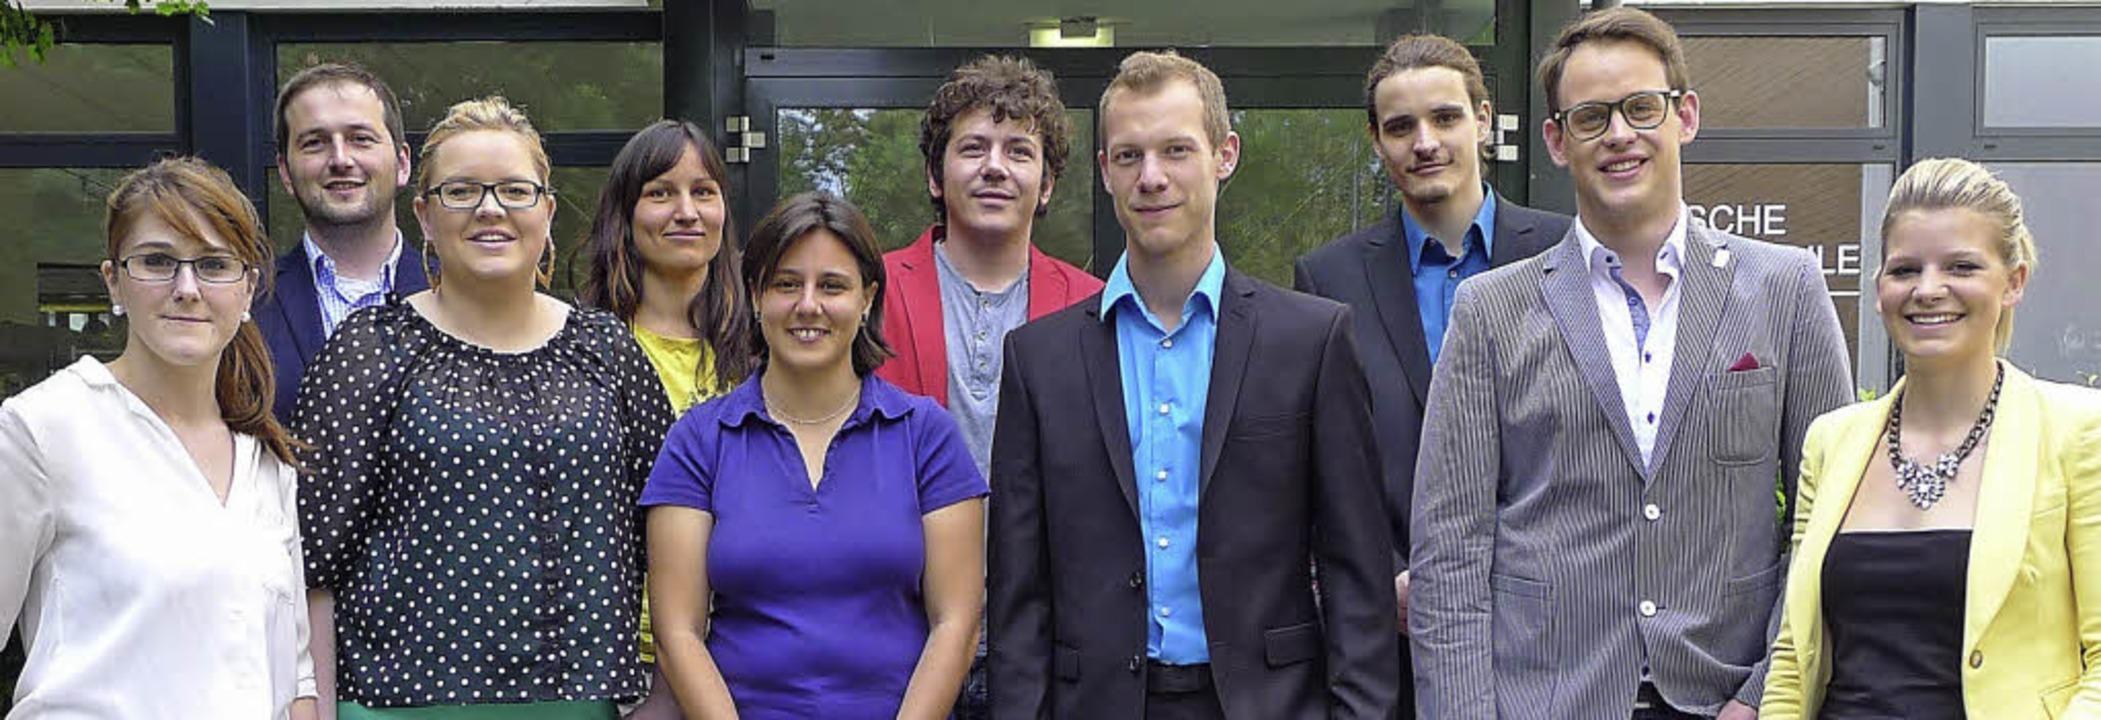 Die stolzen Absolventen des Abendgymnasiums.     Foto: PRIVAT